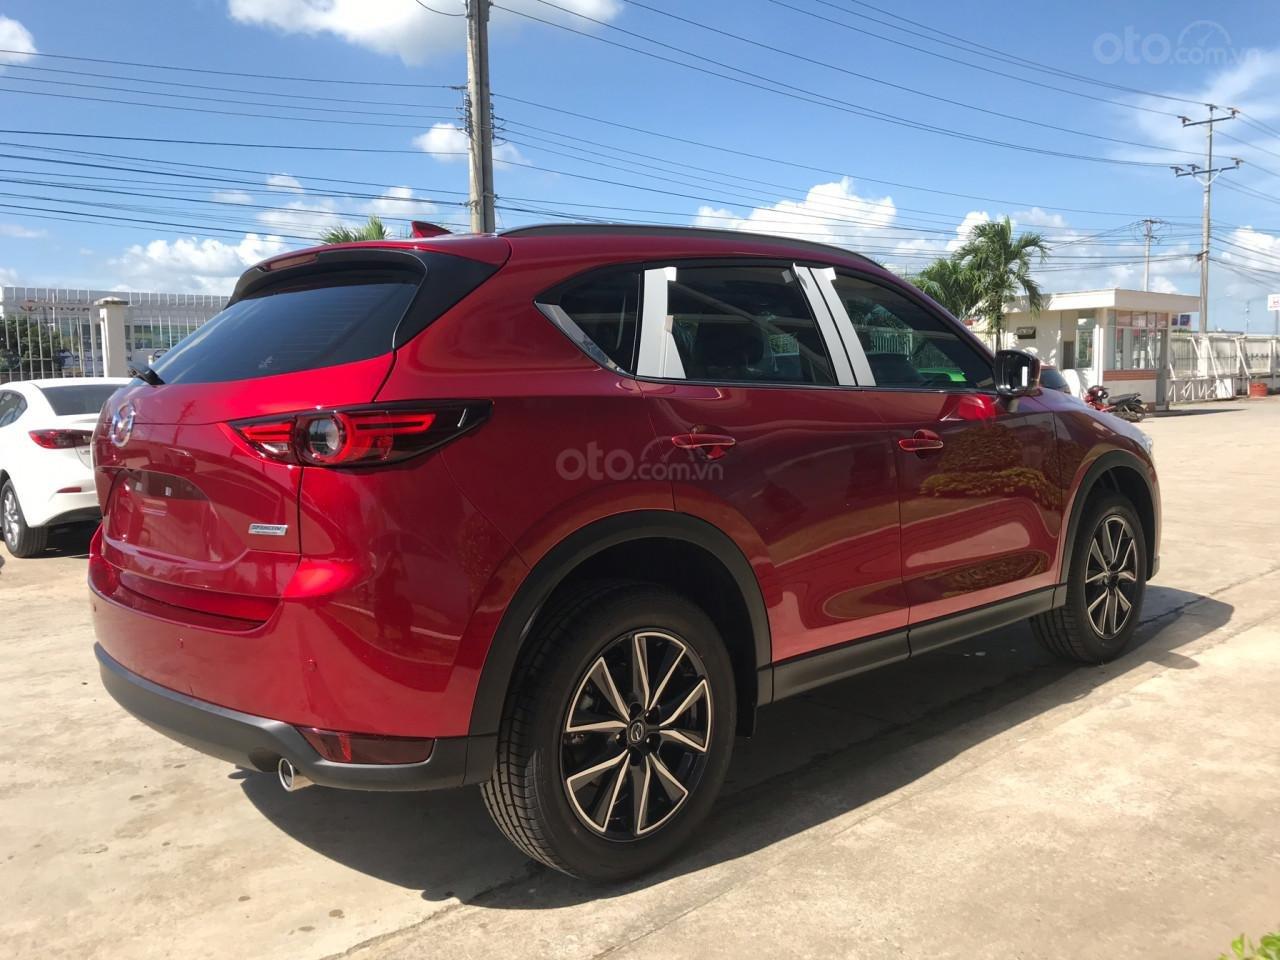 Bán xe Mazda CX5 2019 ưu đãi tốt trong tháng, LH: 0938 906 560 Mr. Giang (6)